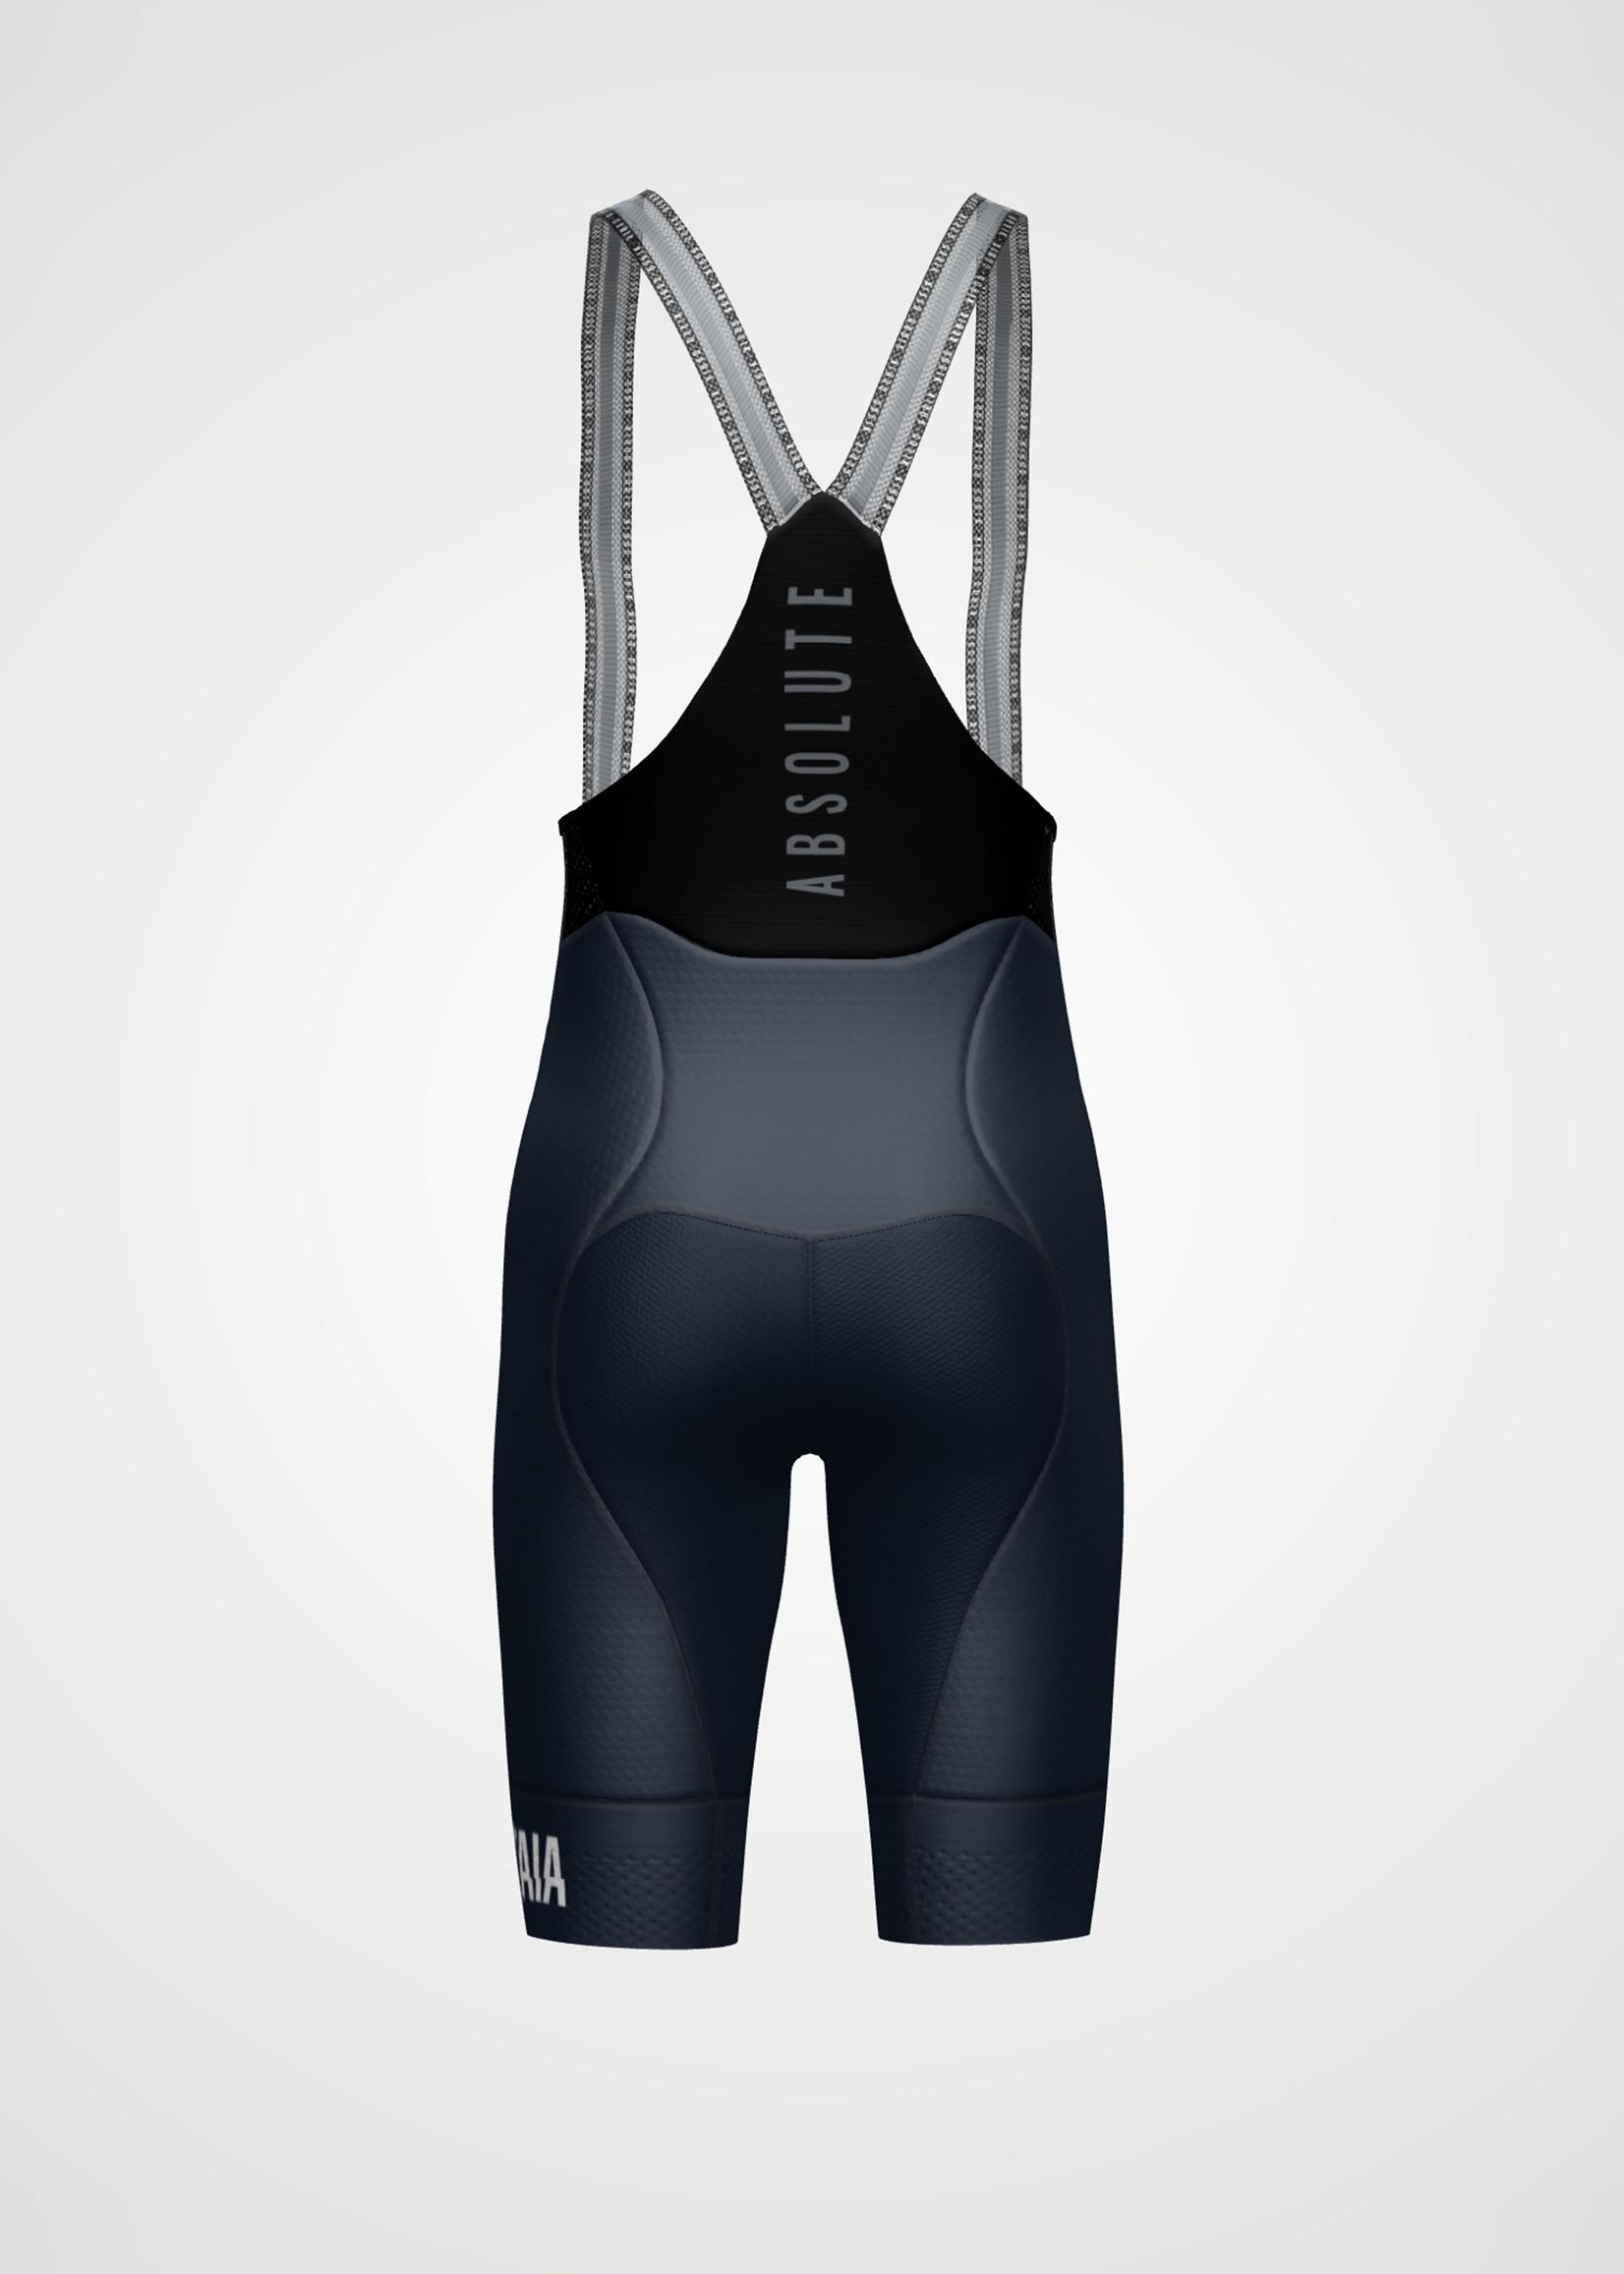 Bataia Team Bib Shorts